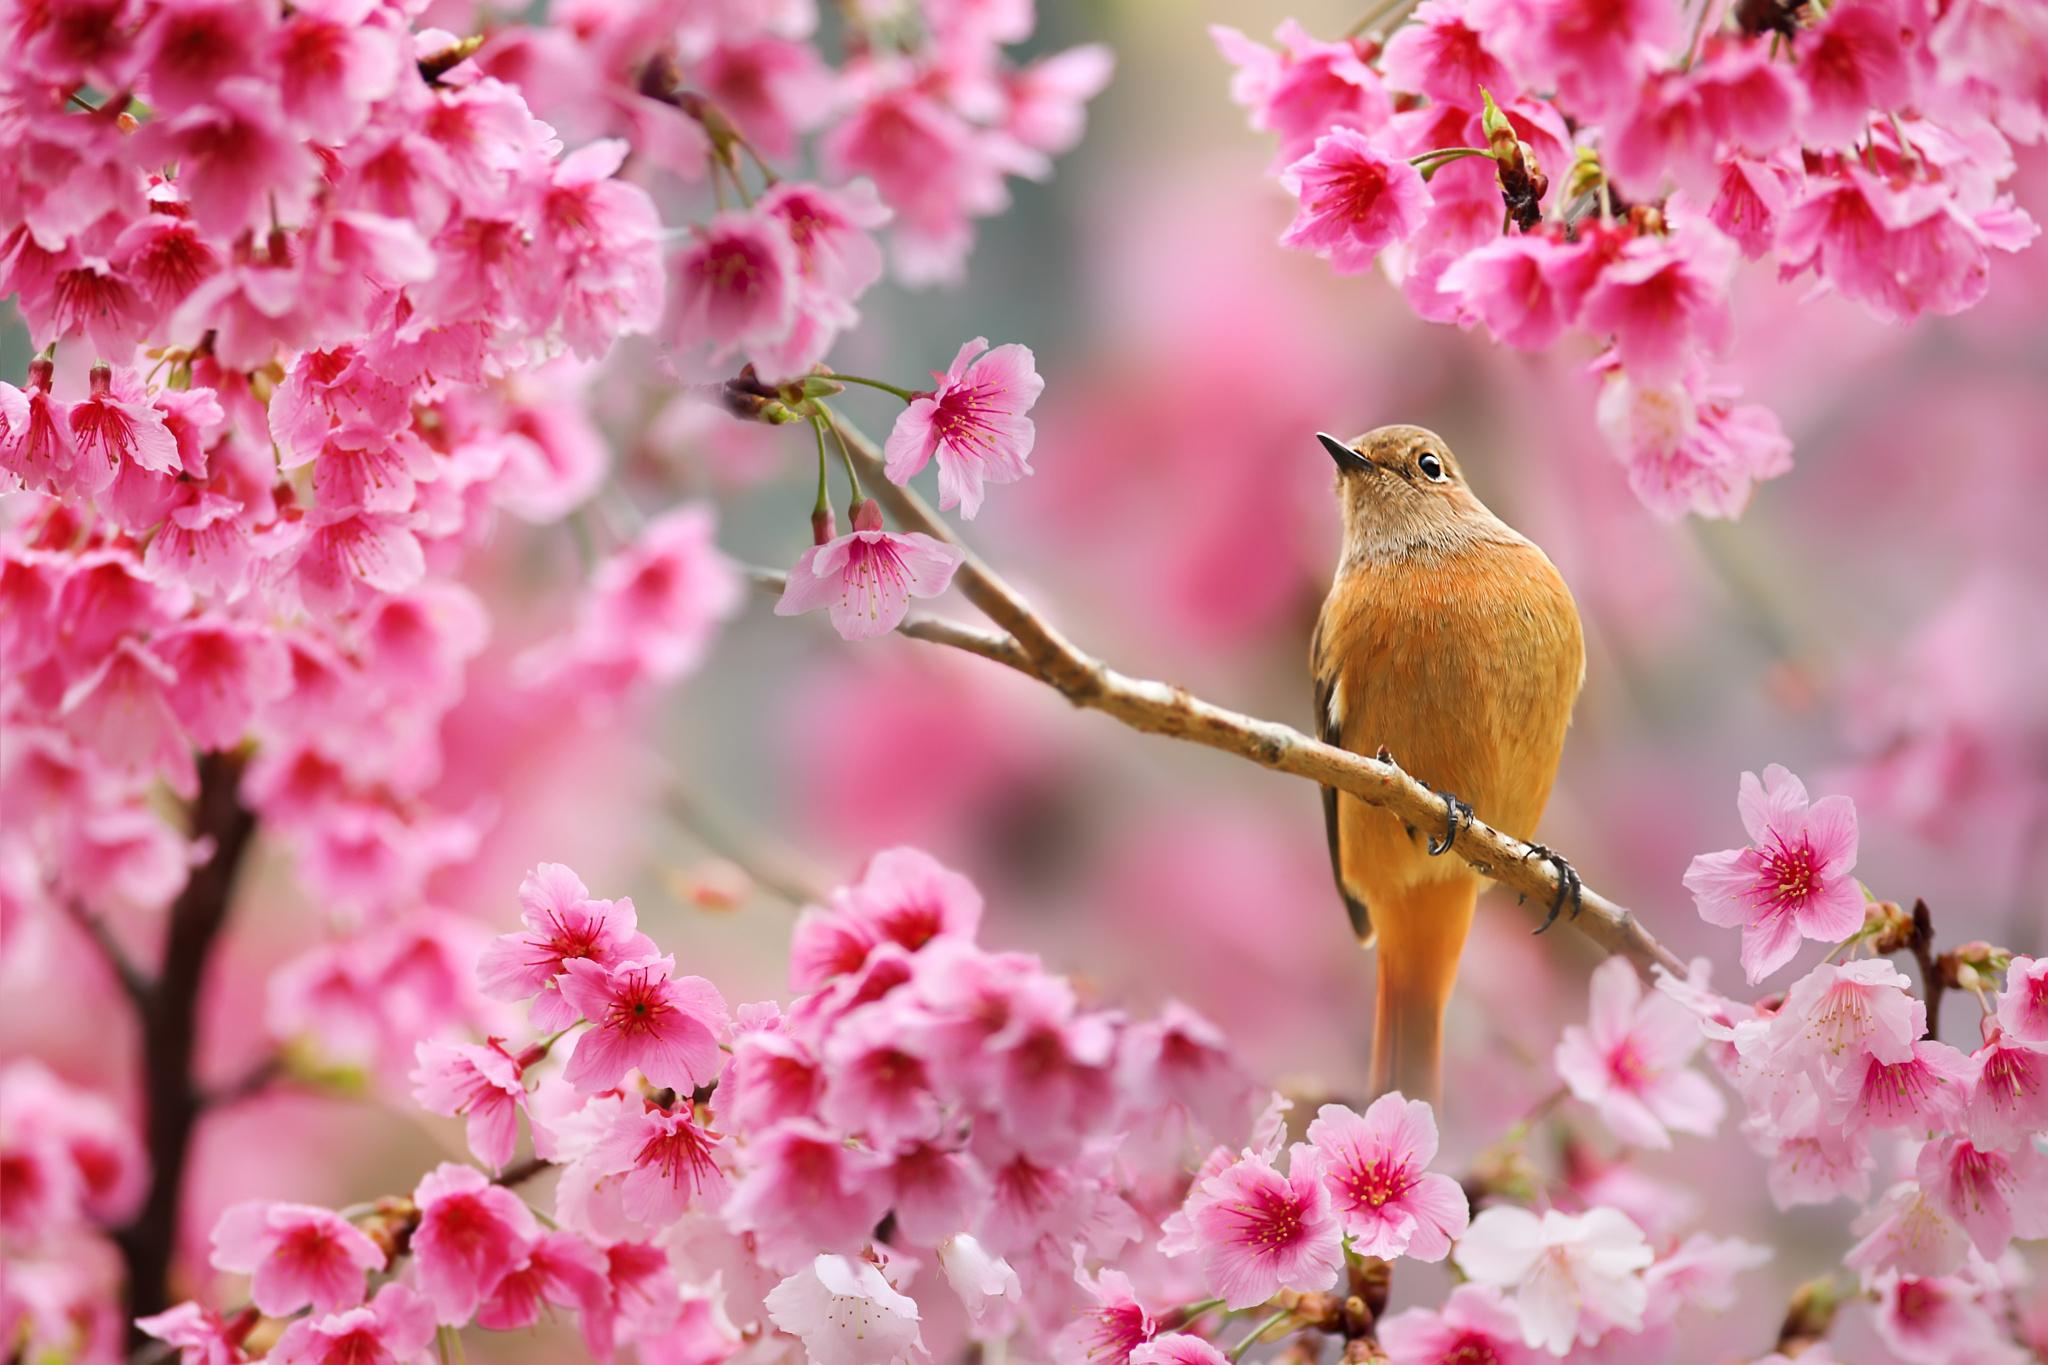 того, красивые открытки про весну и солнышко этой